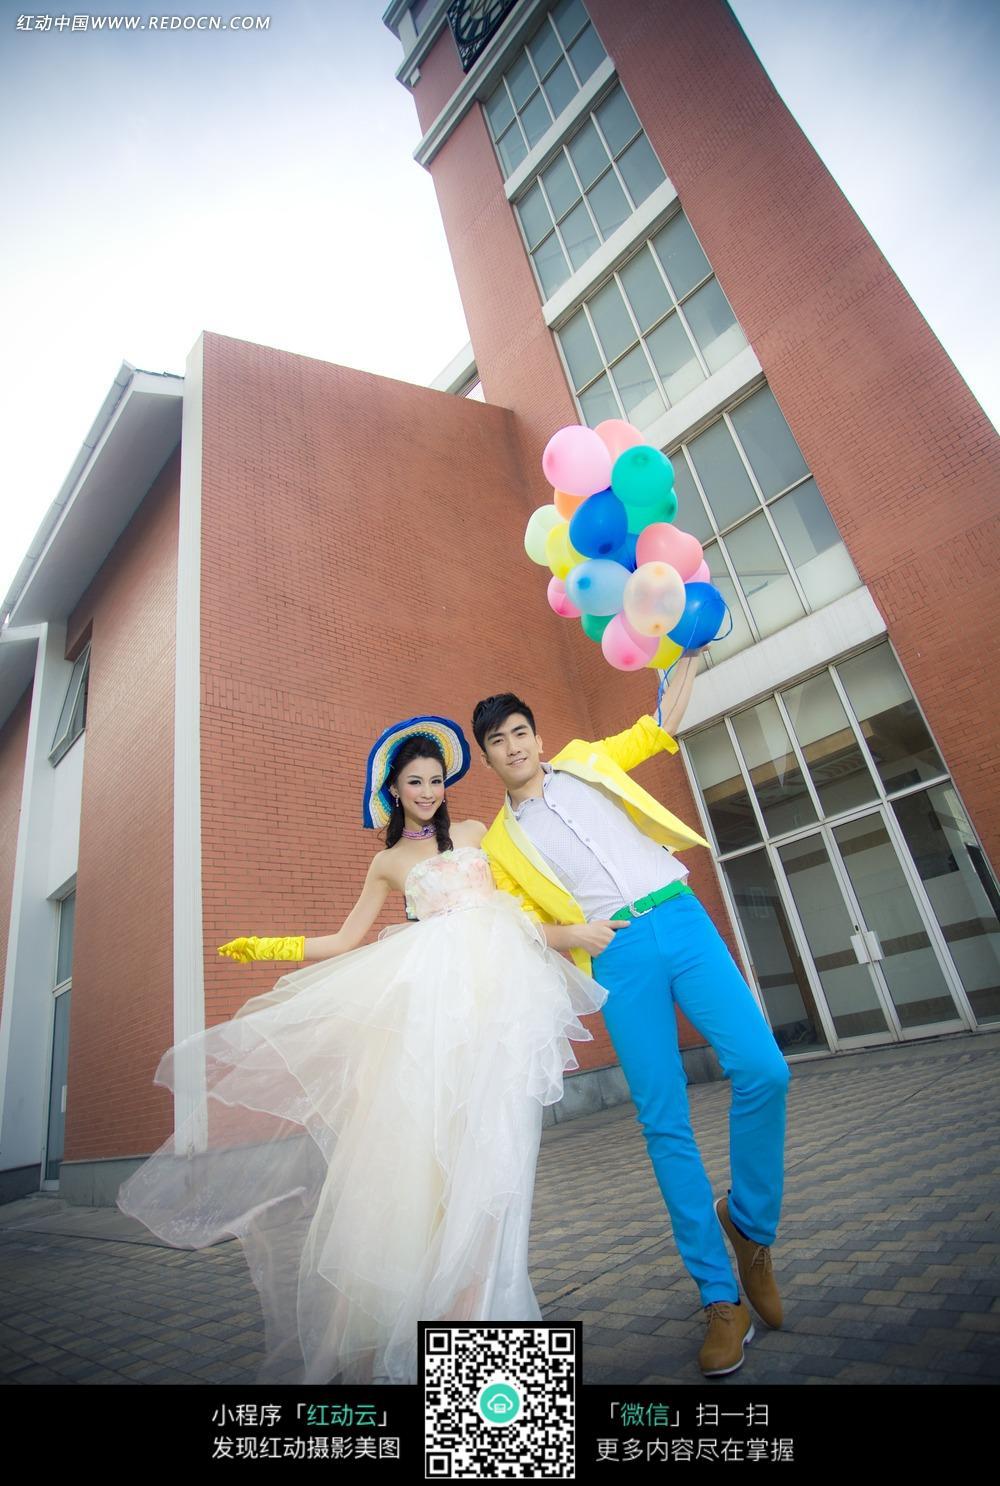 手拿气球的情侣婚纱摄影图片